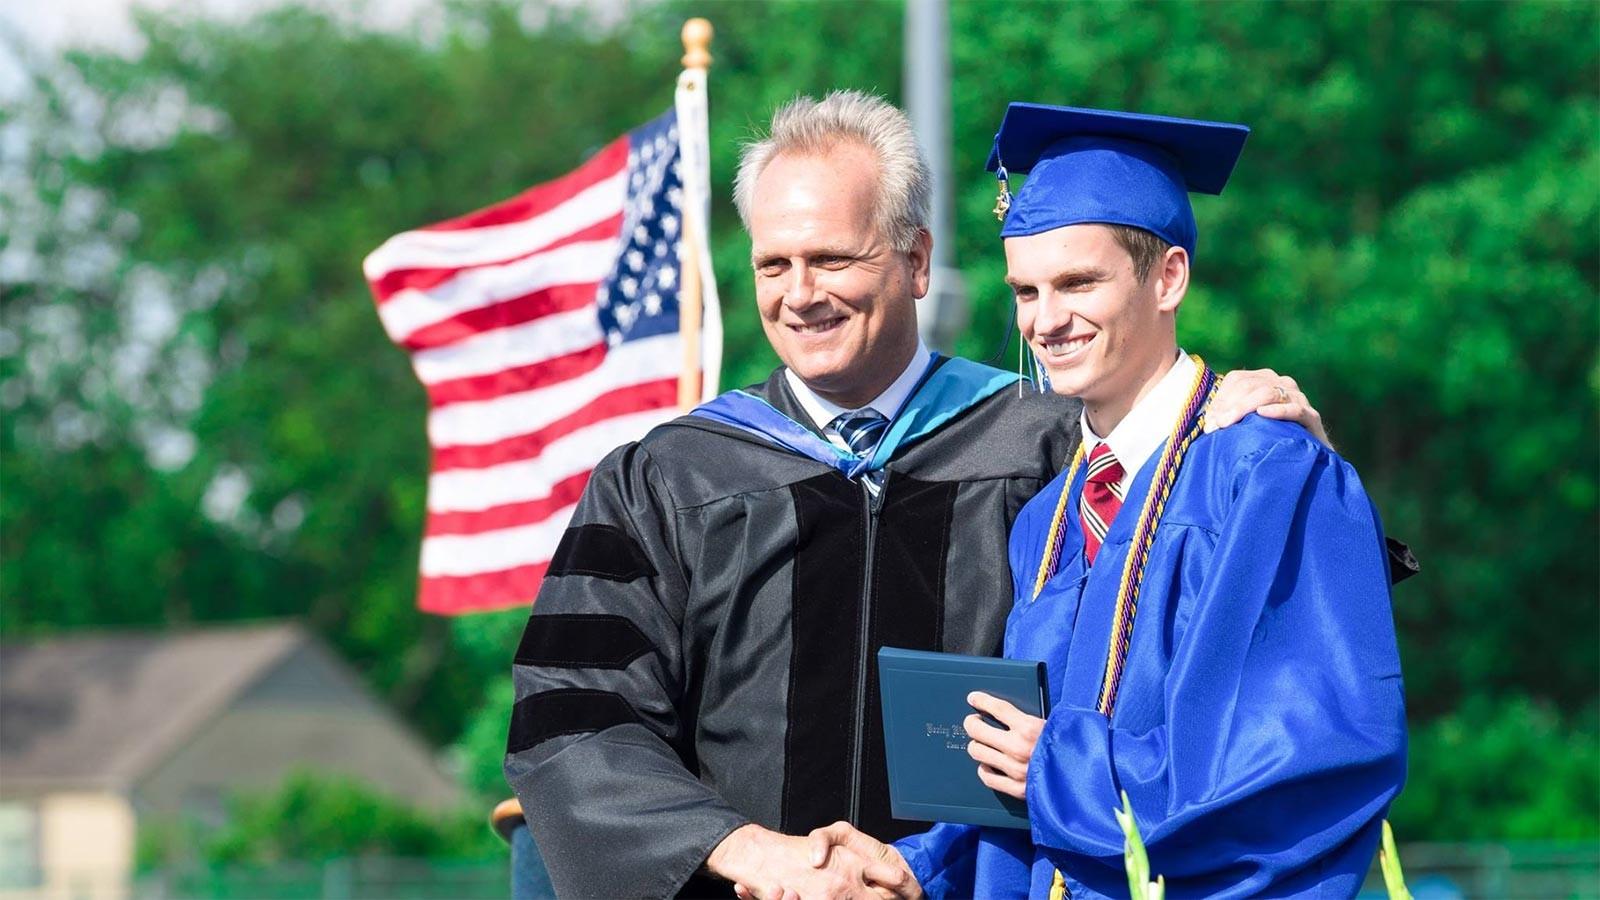 Bexley Graduation Handshake